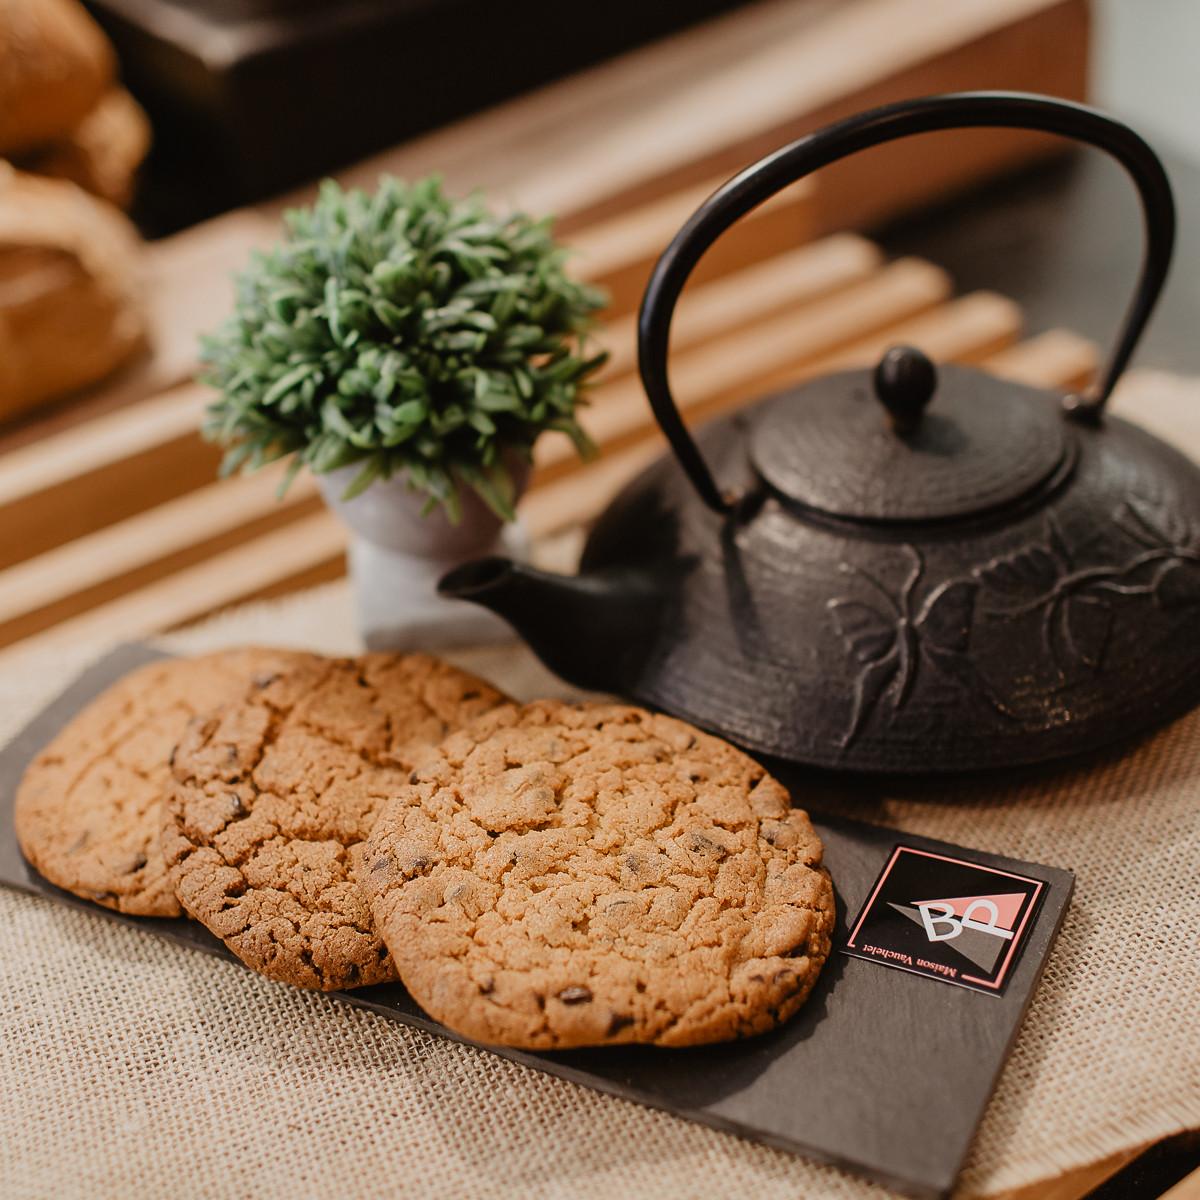 manuella-aubin-photographies-la-boulangerie-du-port-produits-7364